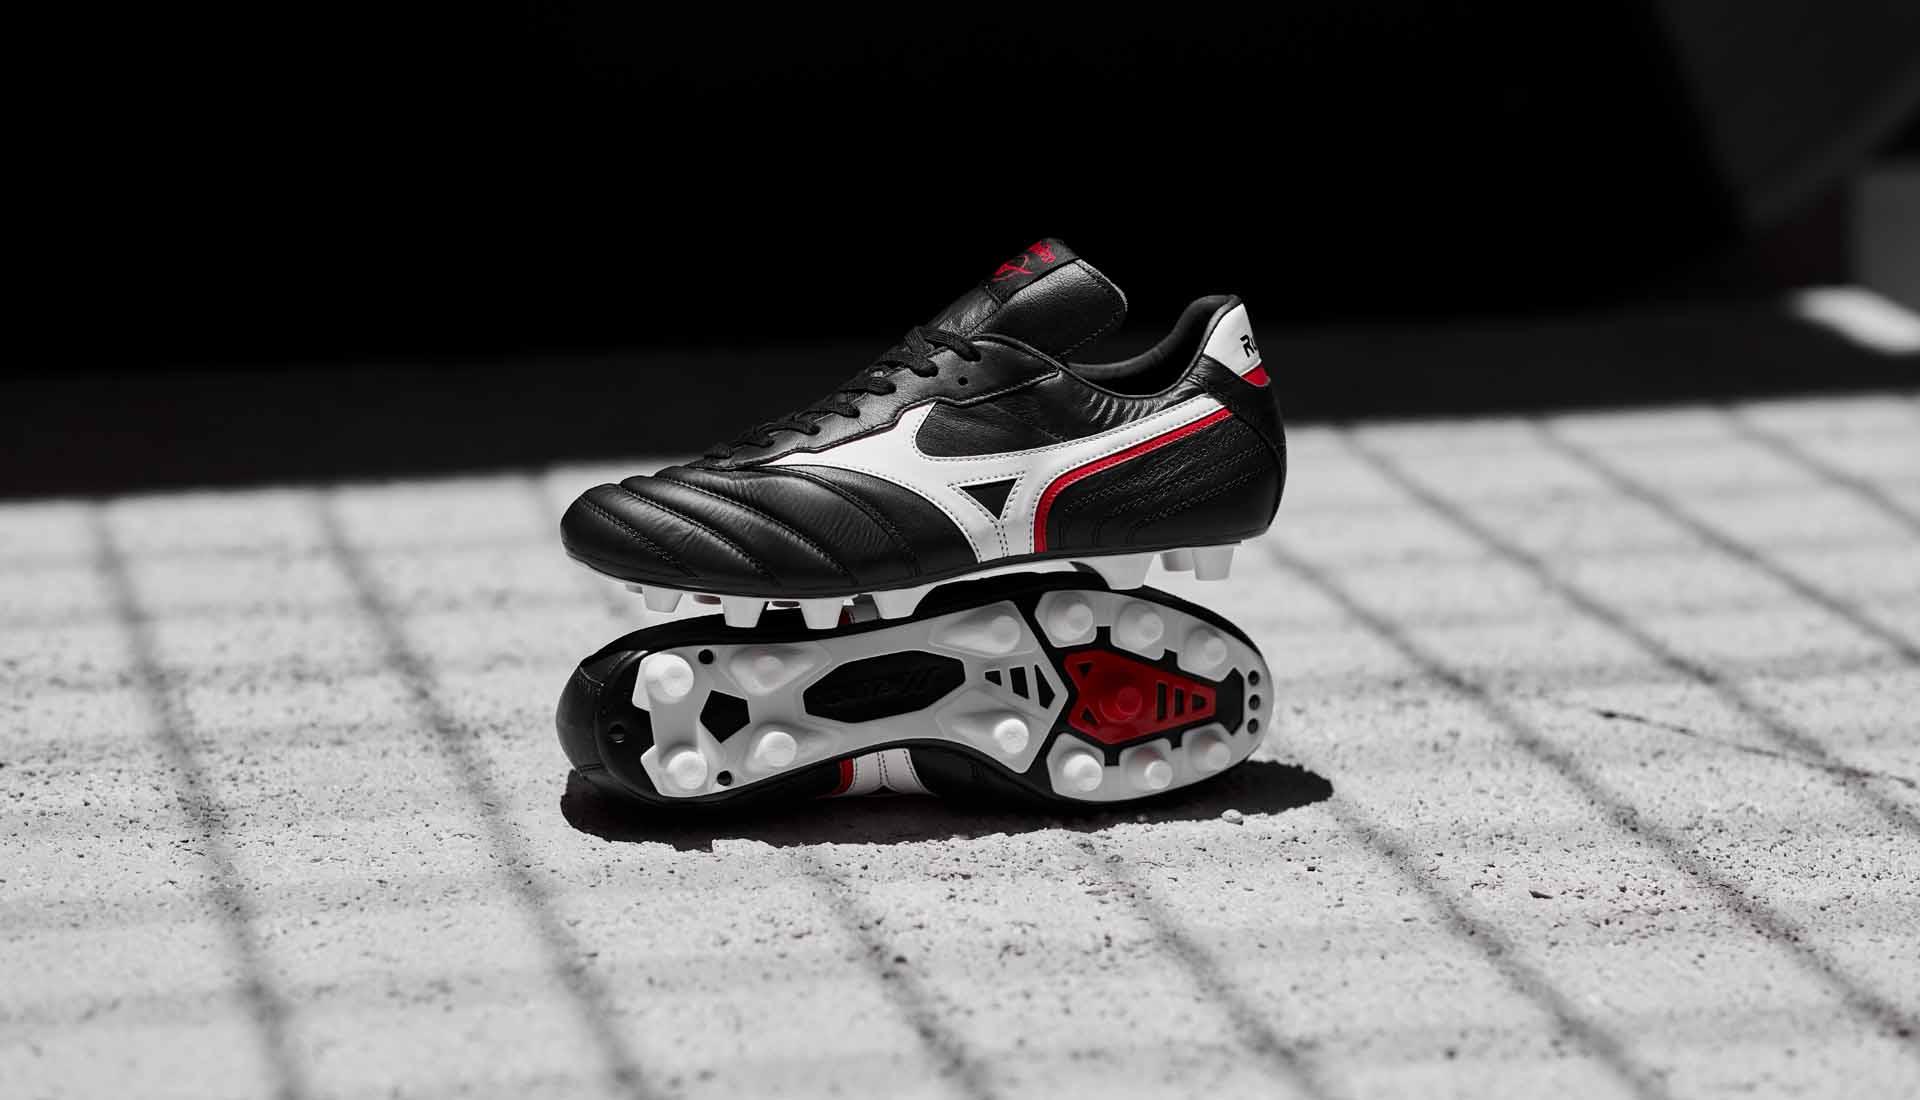 Giày Mizuno Morelia Zero có thiết kế khá giống với Adidas Copa Mundial